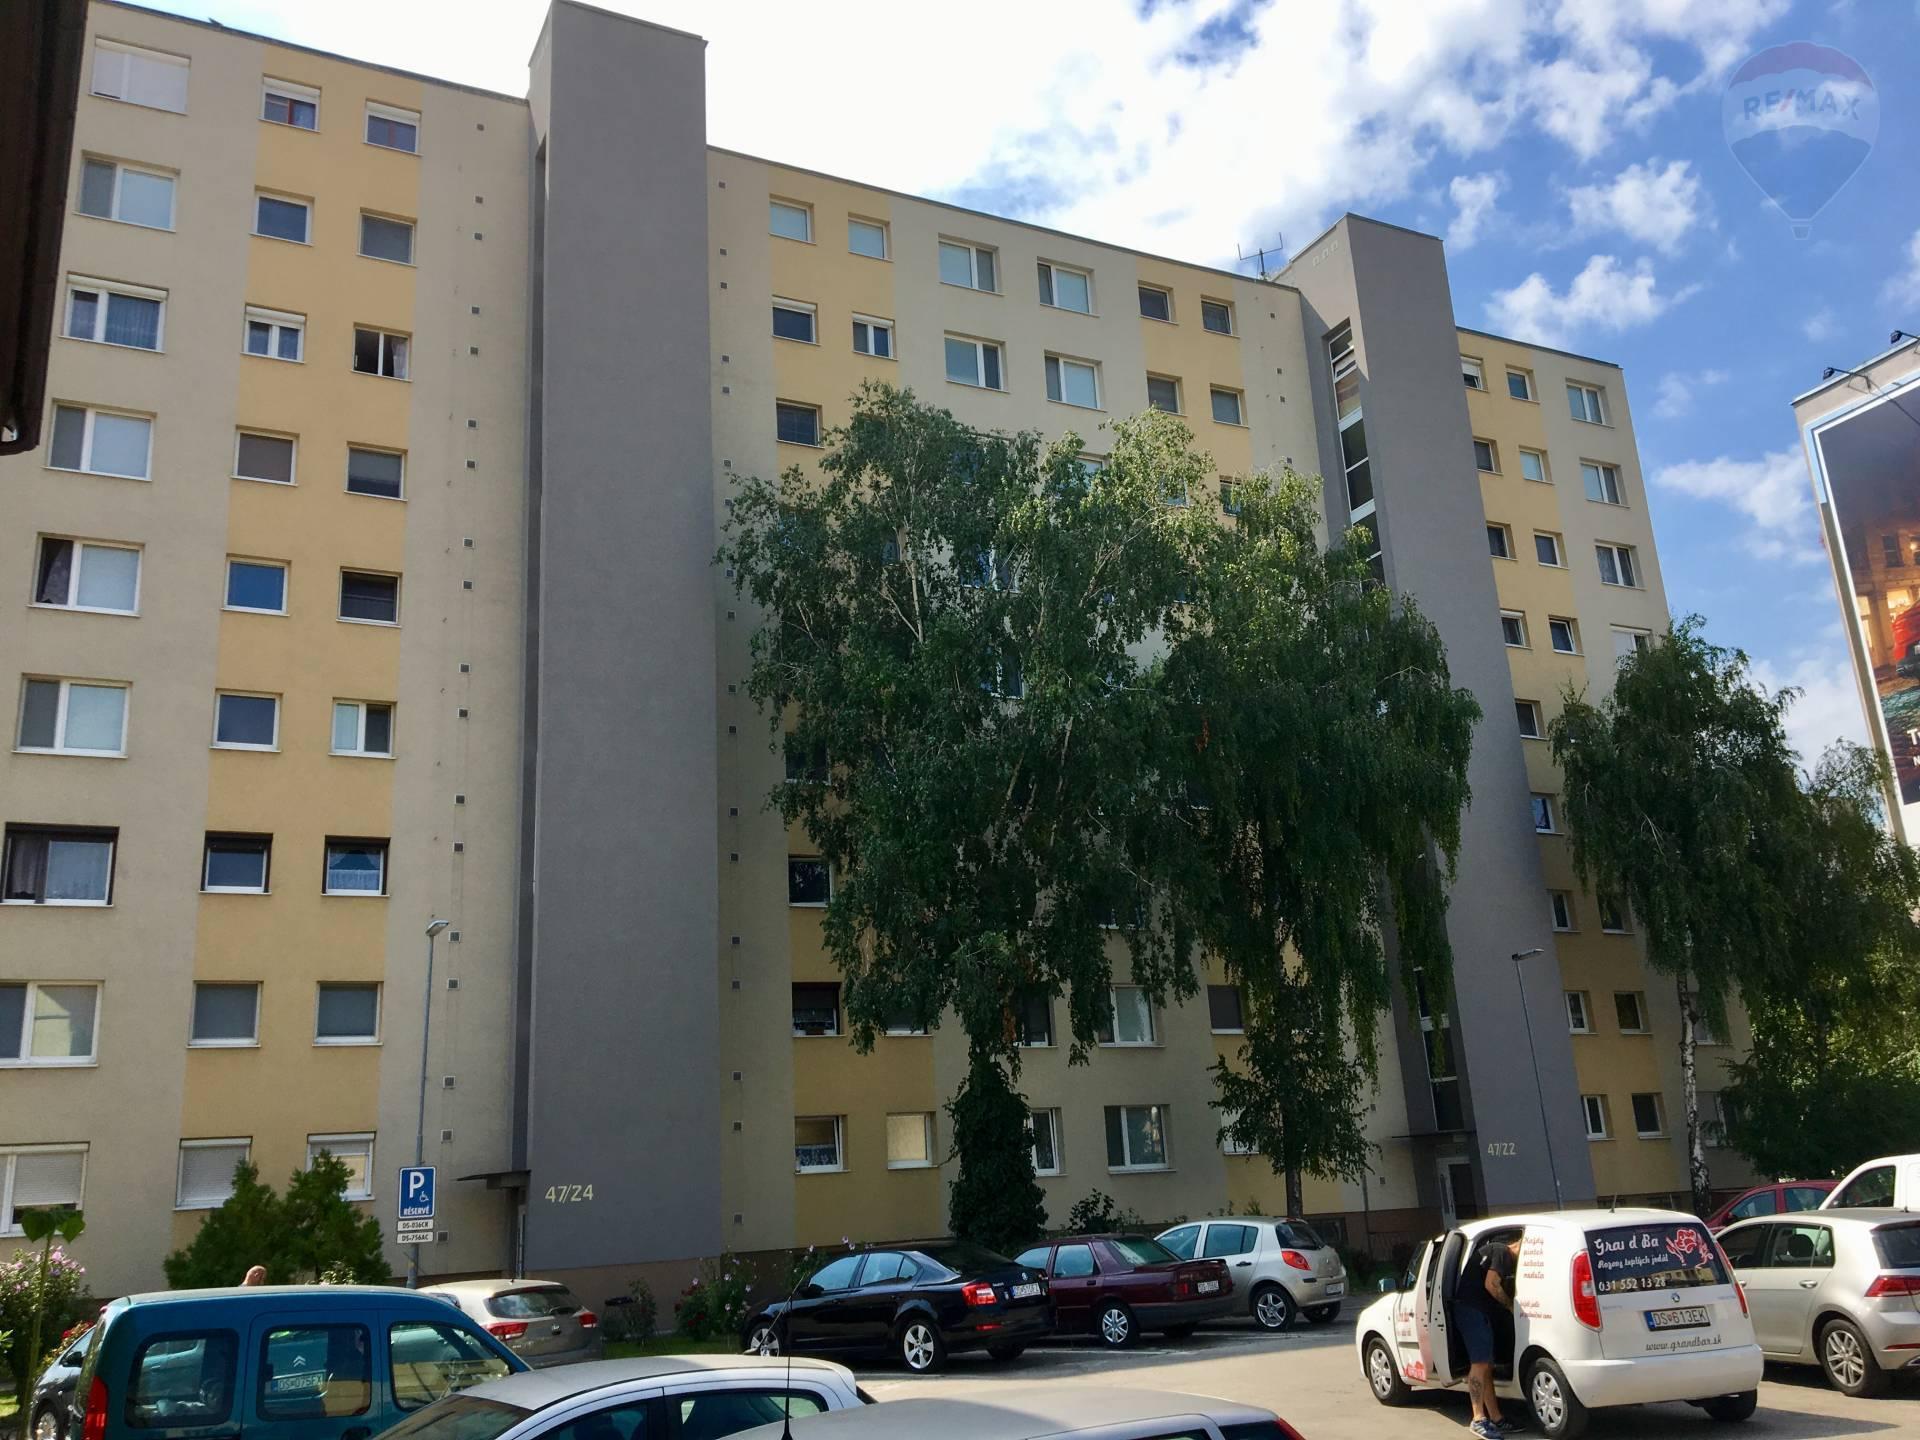 Predaj: 3i byt  v centralnej lokalite mesta Dunajská Streda za dobrú cenu.